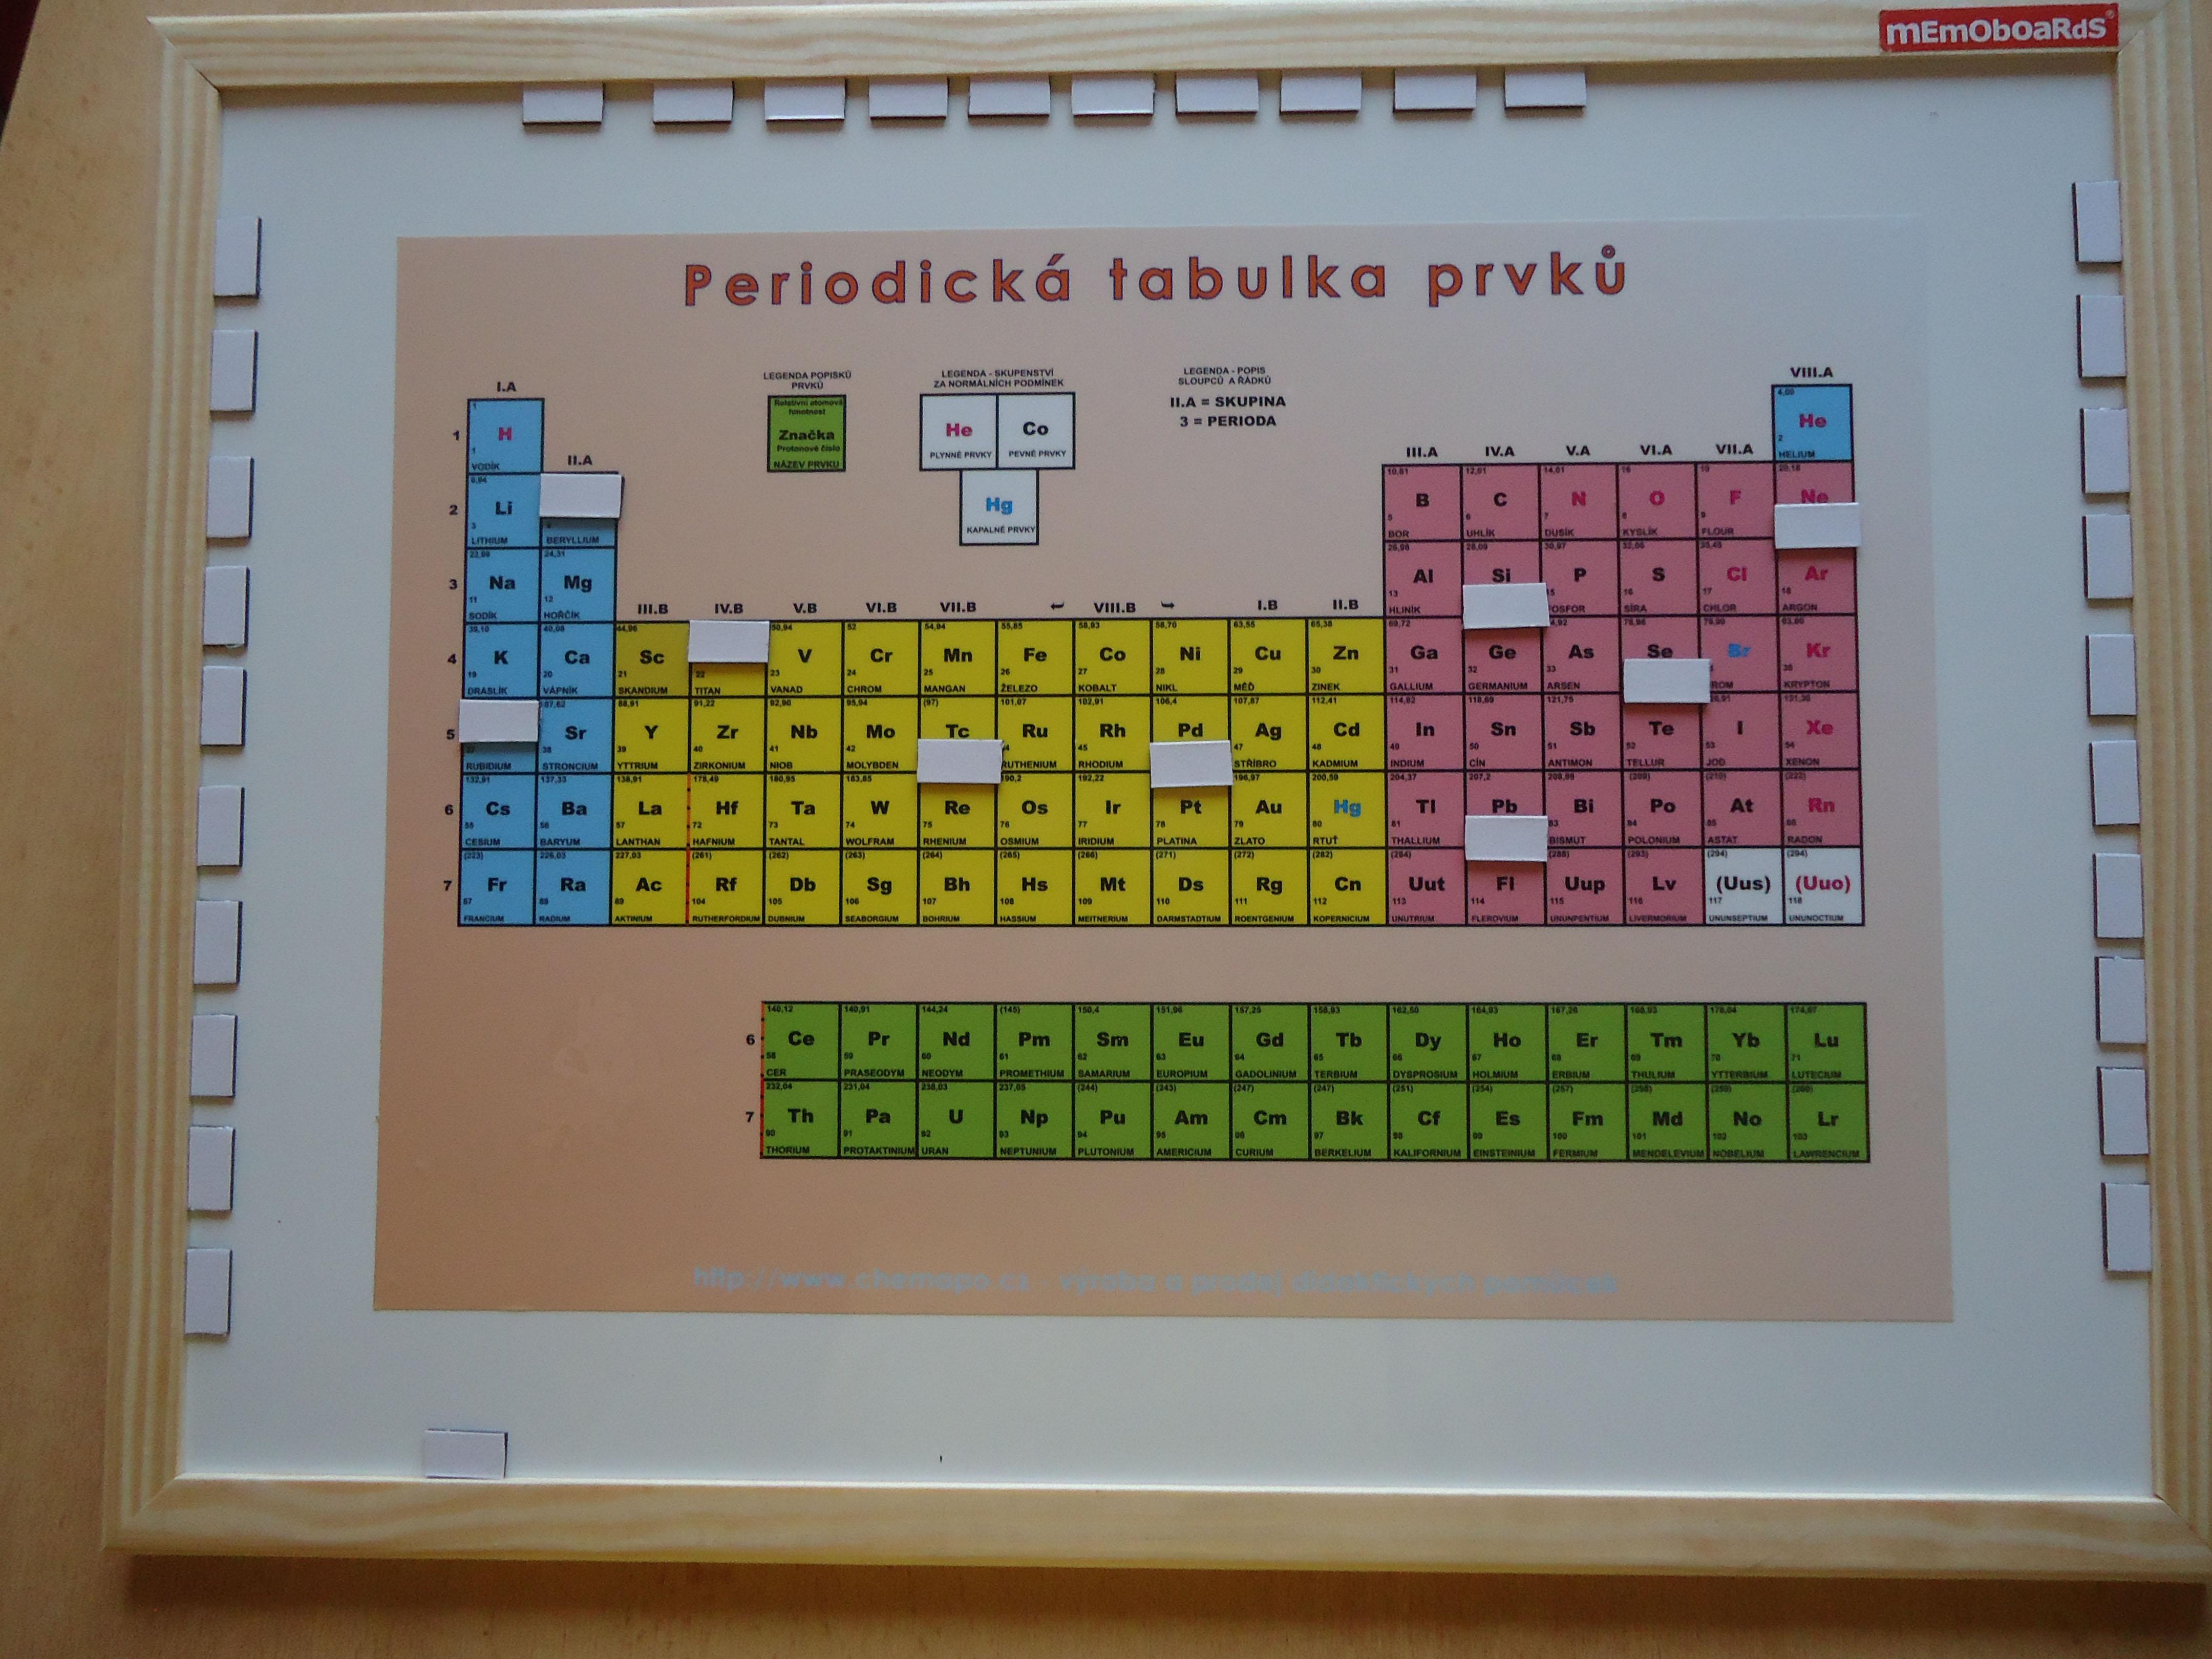 Magnetická periodická tabulka - studentská, dřevěný rám